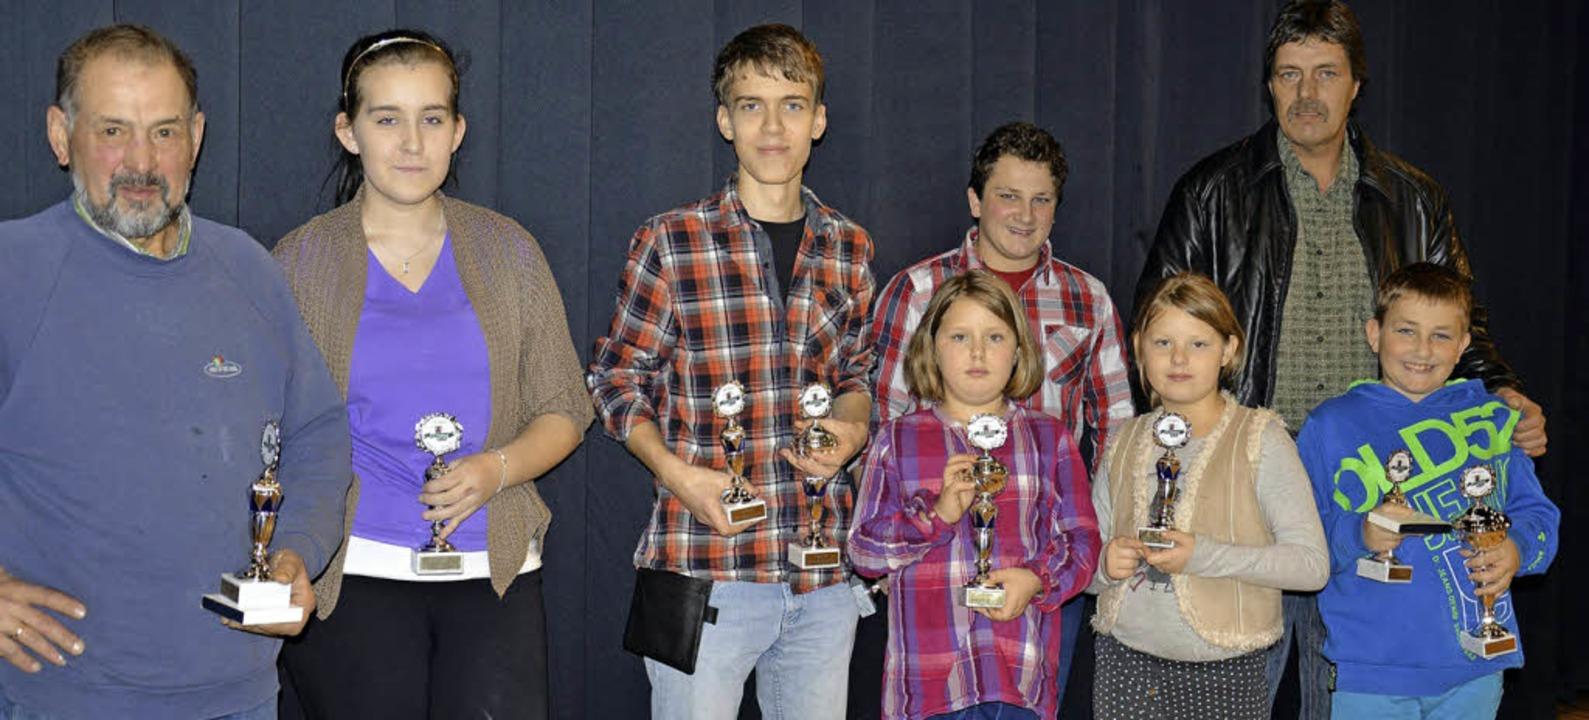 Die Pokalgewinner bei der Kreisschau in Maulburg   | Foto: Georg Diehl